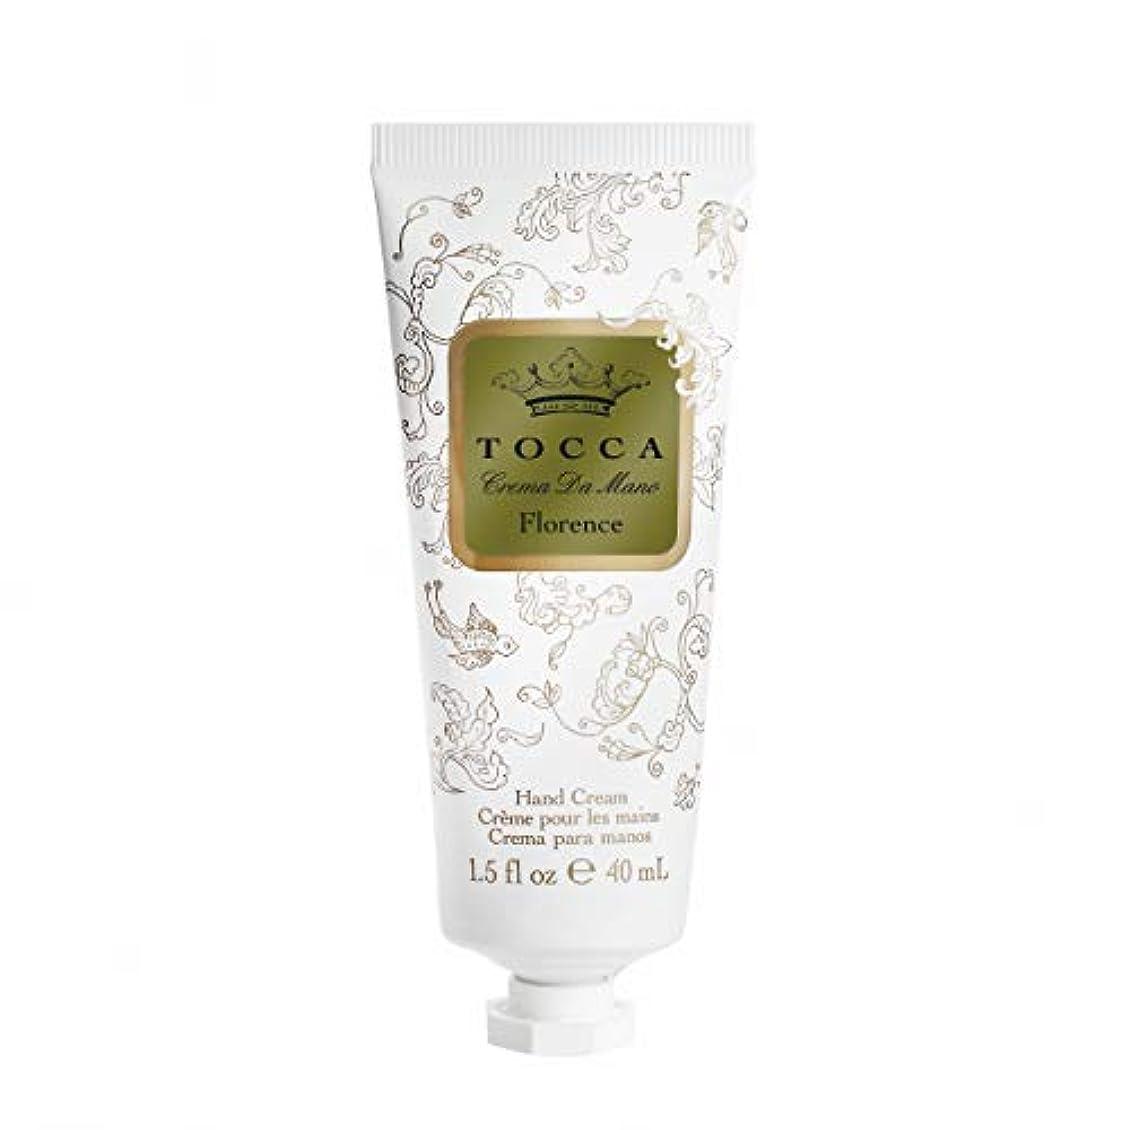 セクタ空白マラウイトッカ(TOCCA) ハンドクリーム フローレンスの香り 40mL (ガーデニアとベルガモットが誘うように溶け合うどこまでも上品なフローラルの香り)